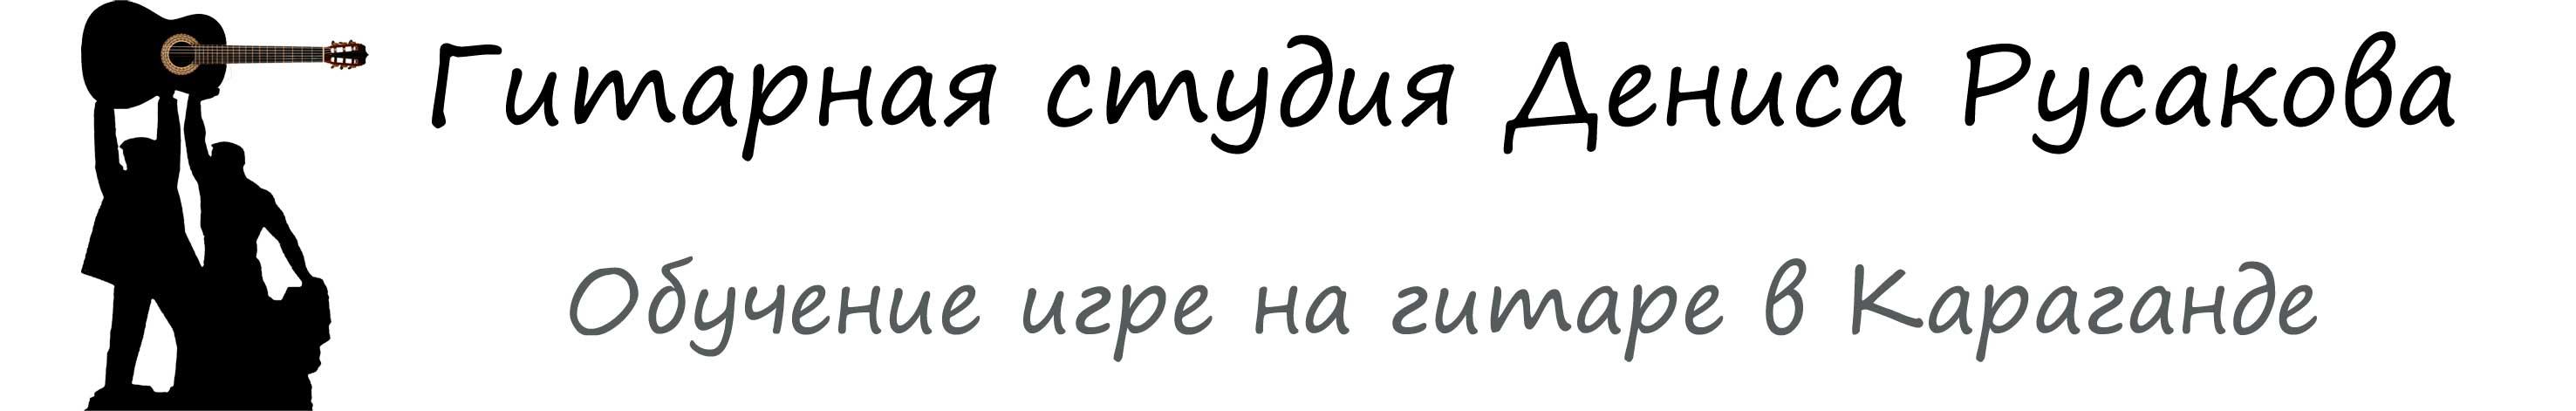 Студия Дениса Русакова